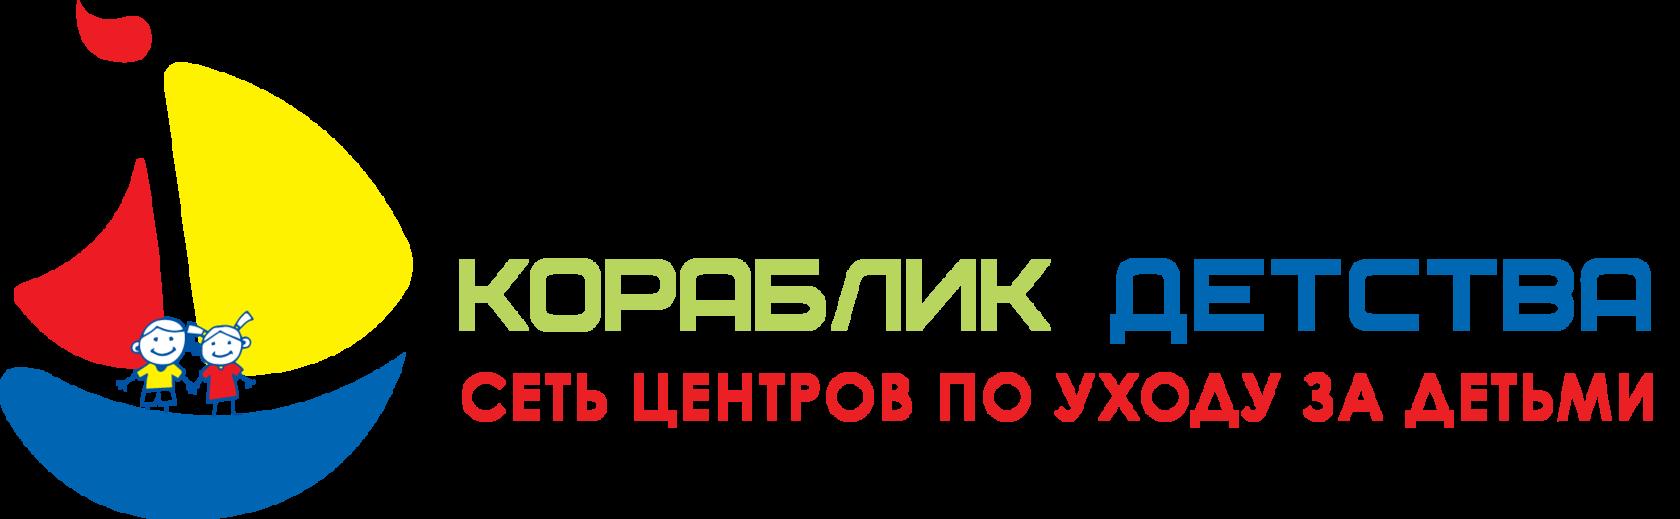 SADIK-EKB.ru сеть частных детских центров